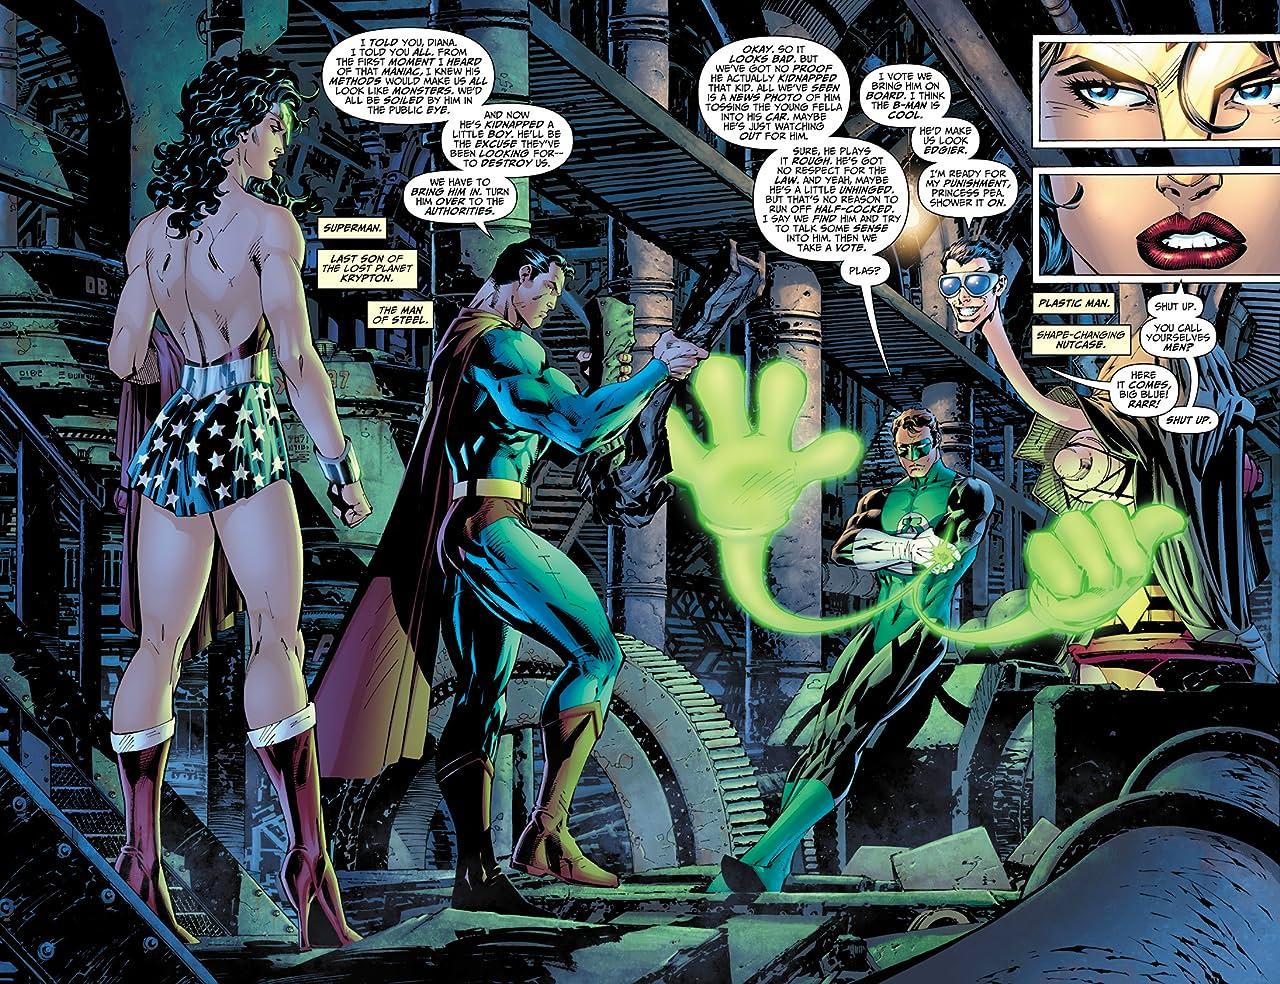 All-Star Batman and Robin, the Boy Wonder #5